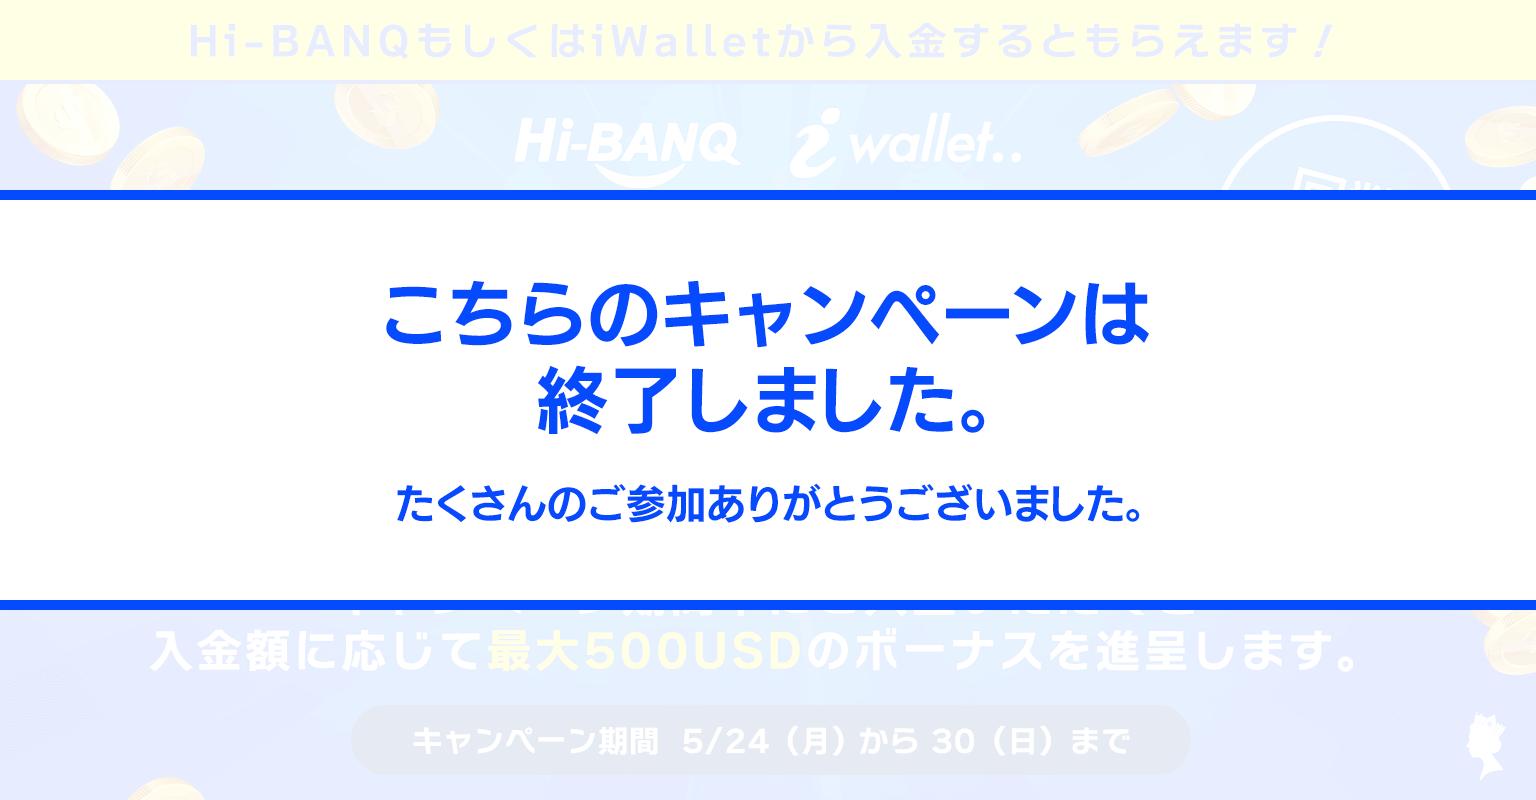 HI-BANQ入金でお得ボーナス第4弾!!